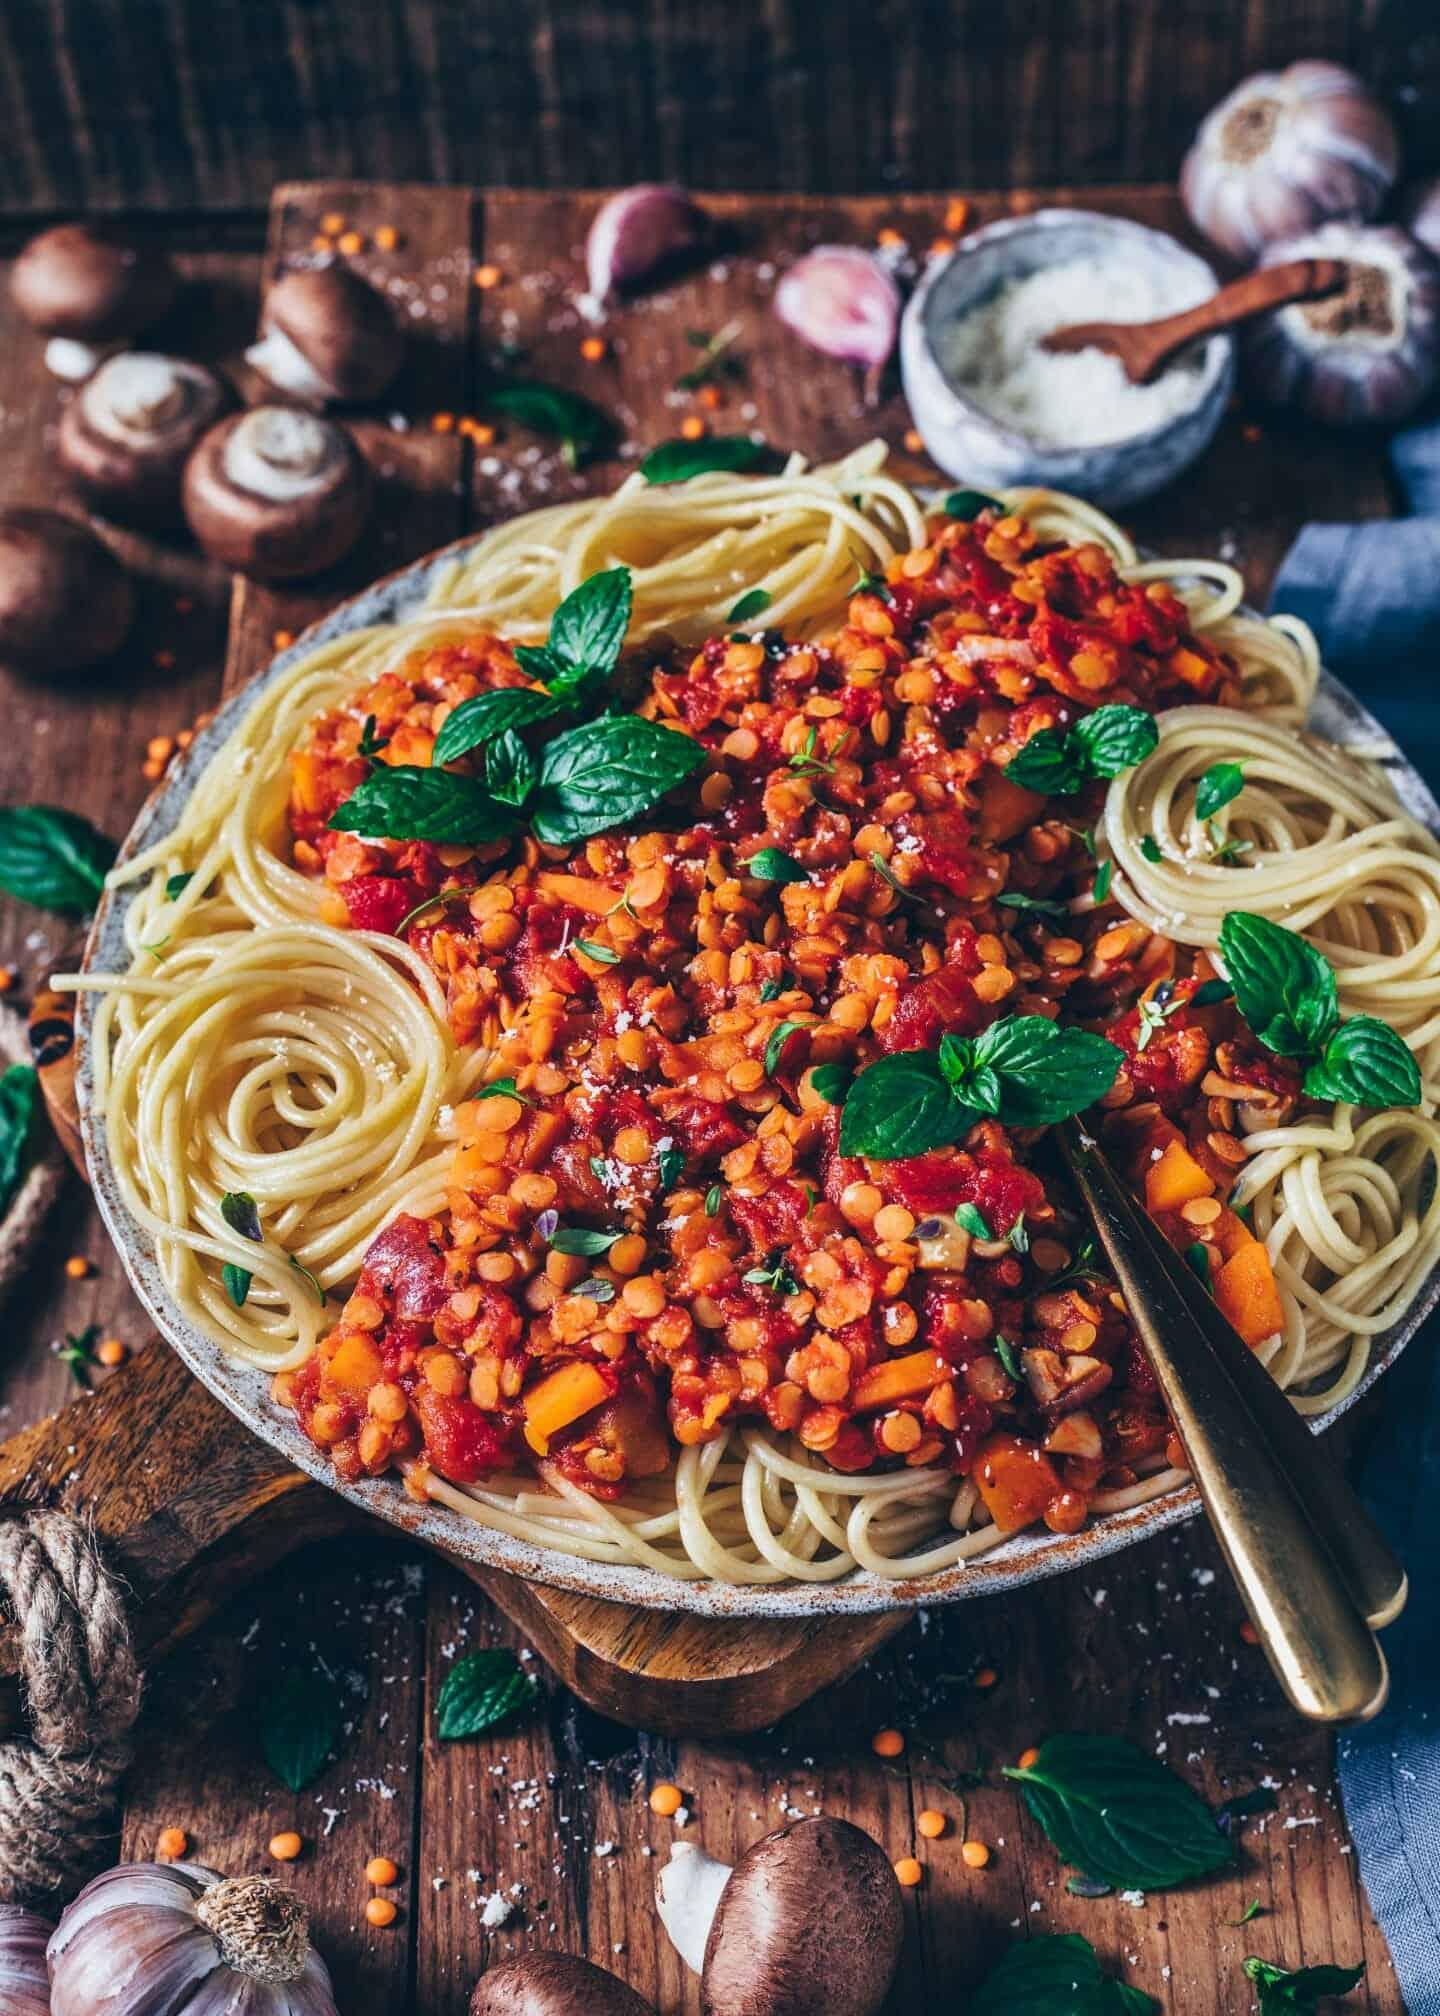 Diese vegane Linsen-Bolognese mit Gemüse und Pilzen ist eine köstliche und gesunde Mahlzeit, die in weniger als 30 Minuten fertig ist! Das Rezept ist sojafrei, nussfrei und kann auch glutenfrei zubereitet werden. Ein perfektes Mittag-, oder Abendessen.